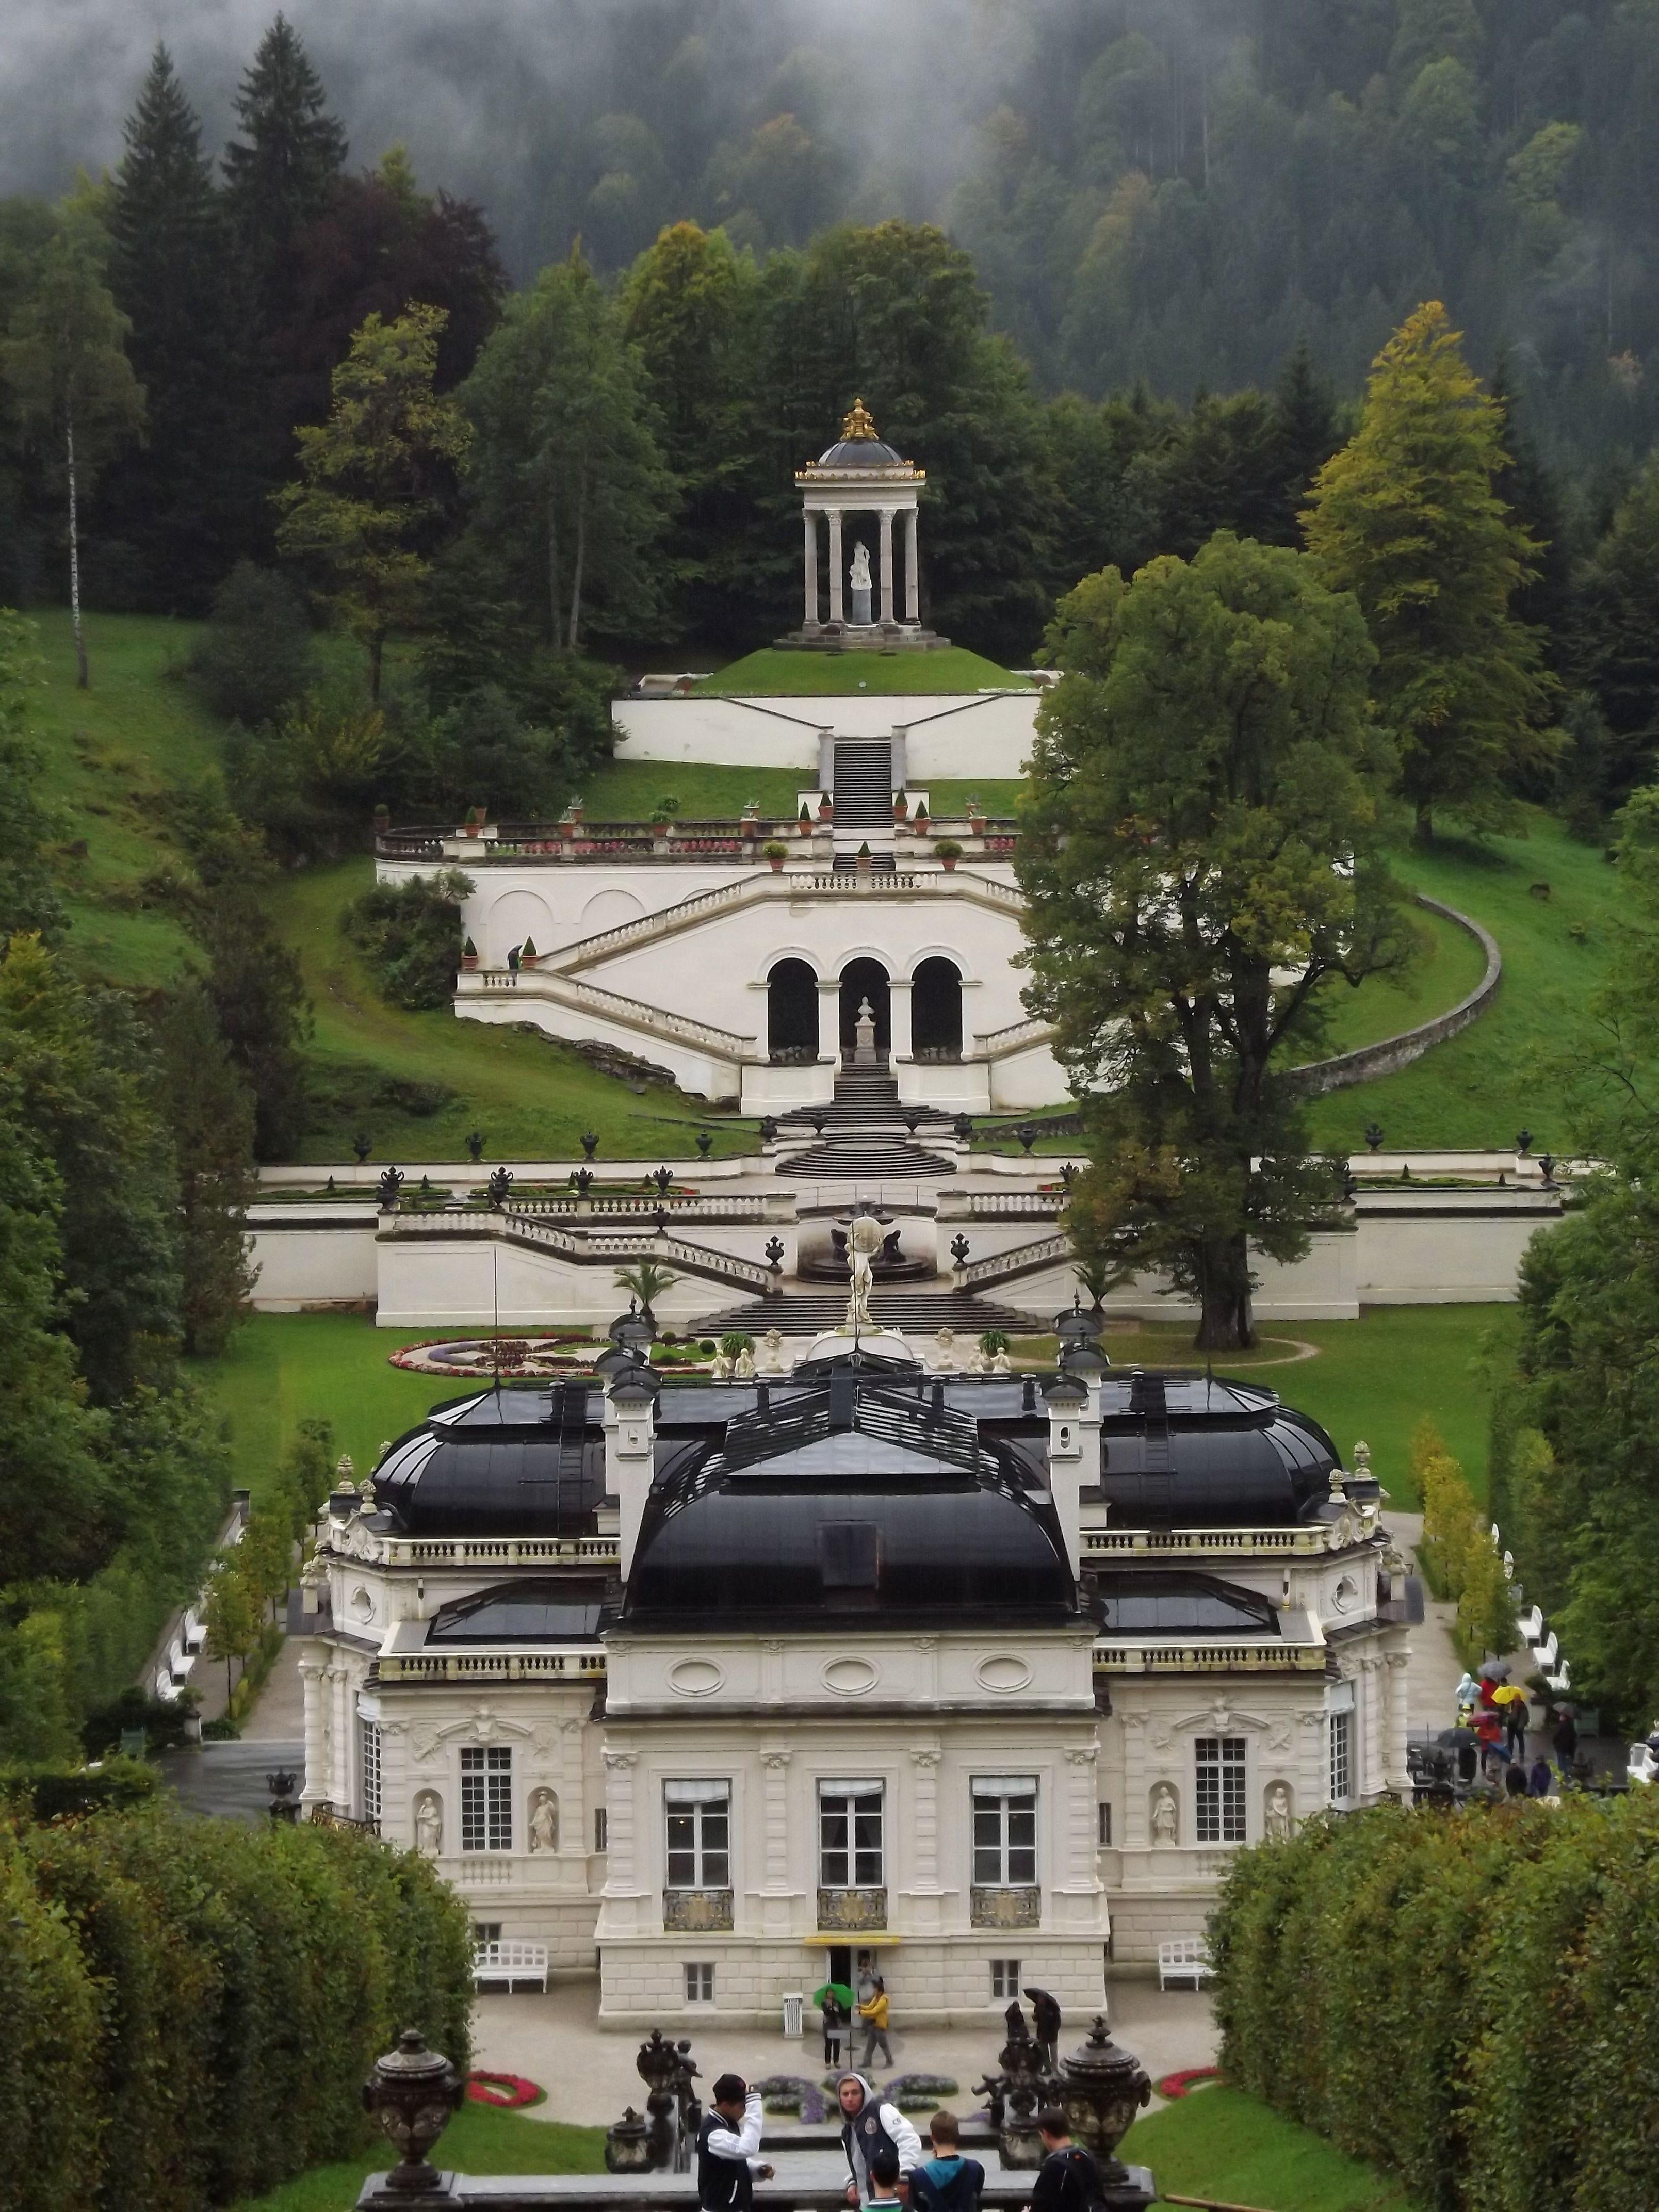 Pin Von Leticia Smith Auf Travel Memories Schloss Linderhof Schloss Linderhof